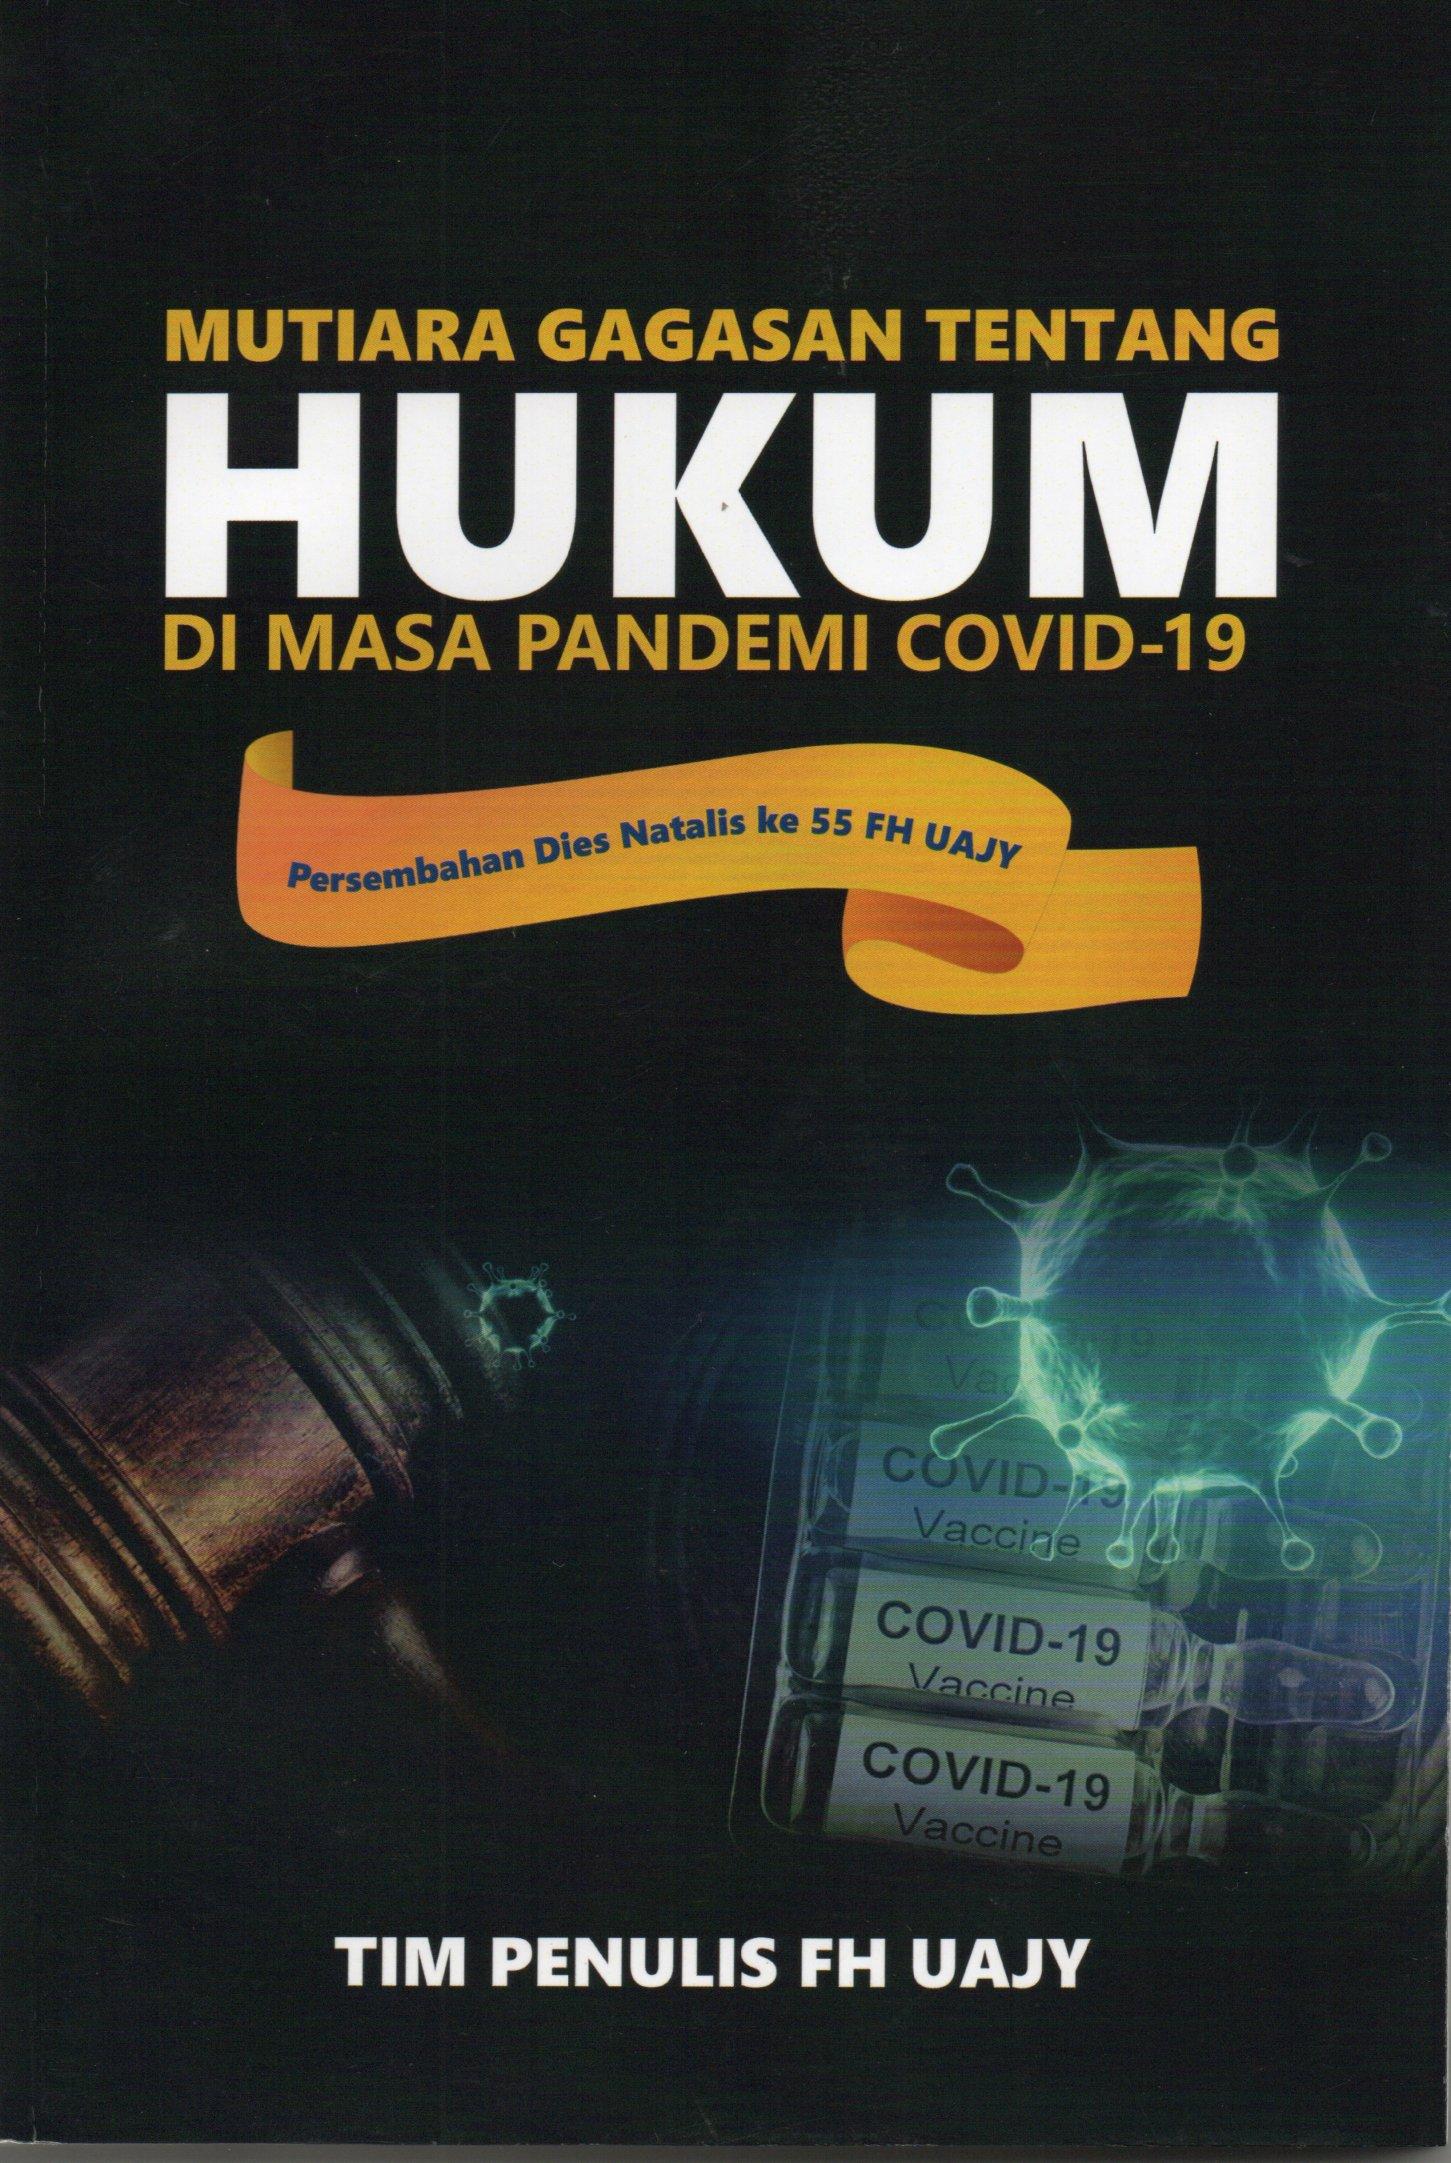 Mutiara gagasan tentang hukum di masa pandemi covid-19